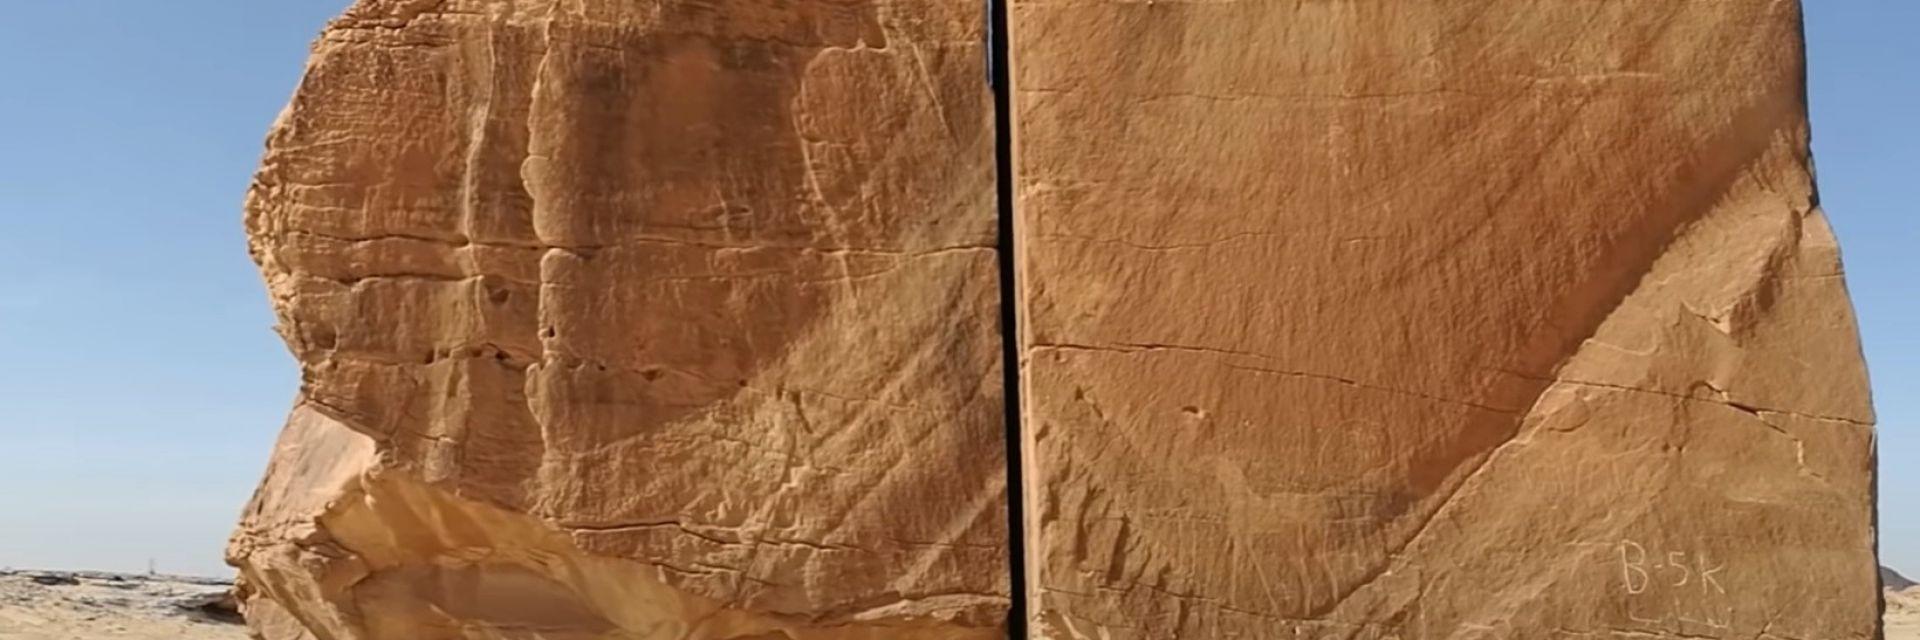 Мистериозната разцепена скала Ал Наслаа в Саудитска Арабия (видео)